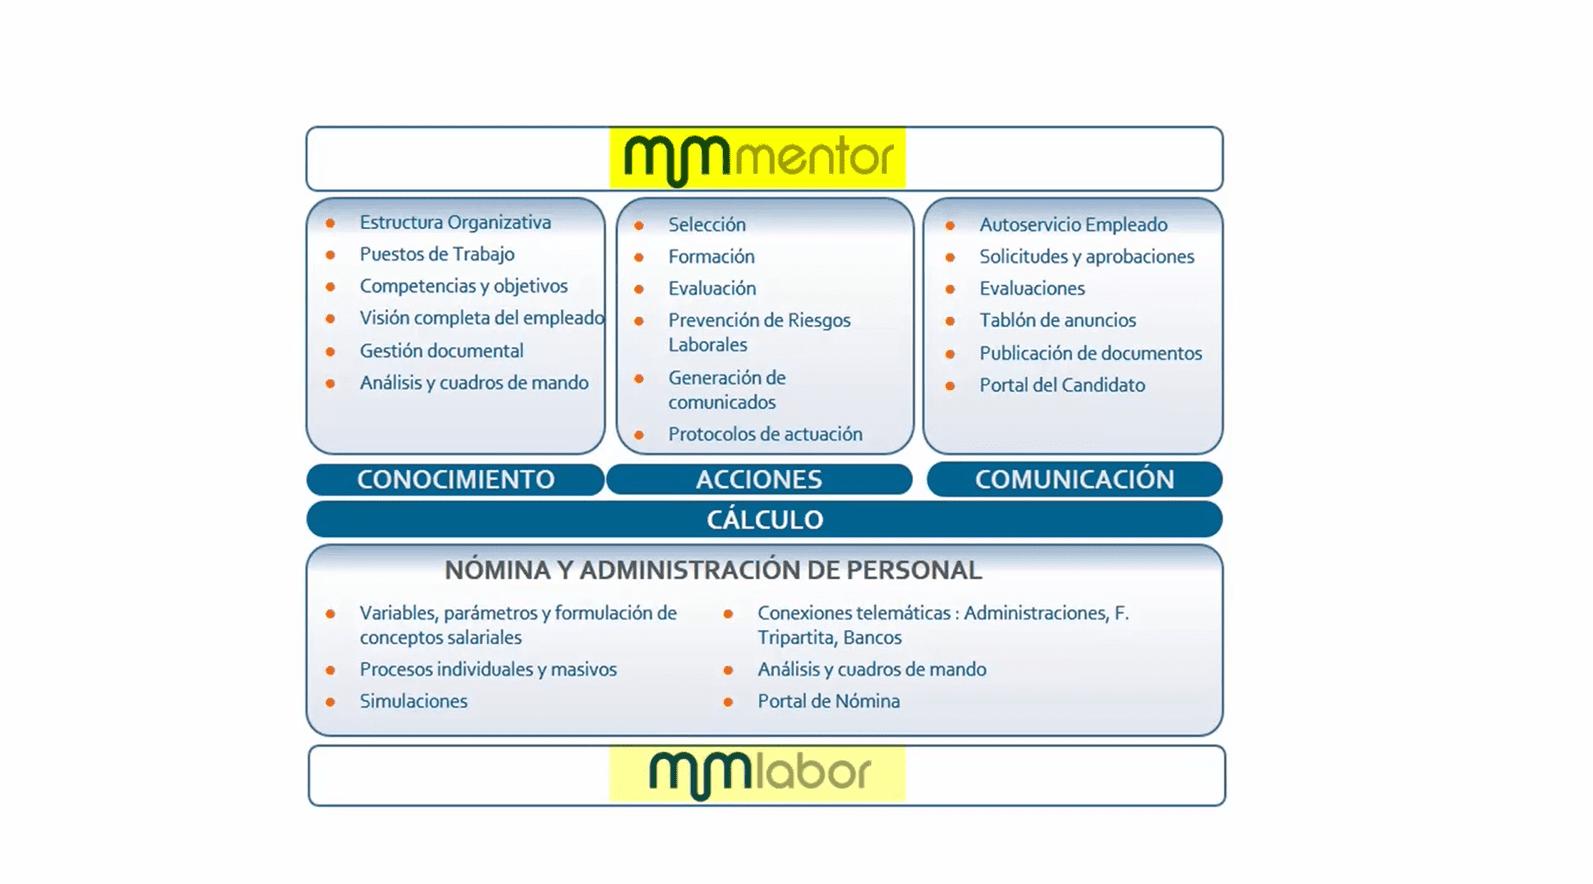 Mentor integra la gestión de los procesos de RRHH (Selección, Formación y Evaluación), la PRL, y se puede integrar con la gestión de nómina.